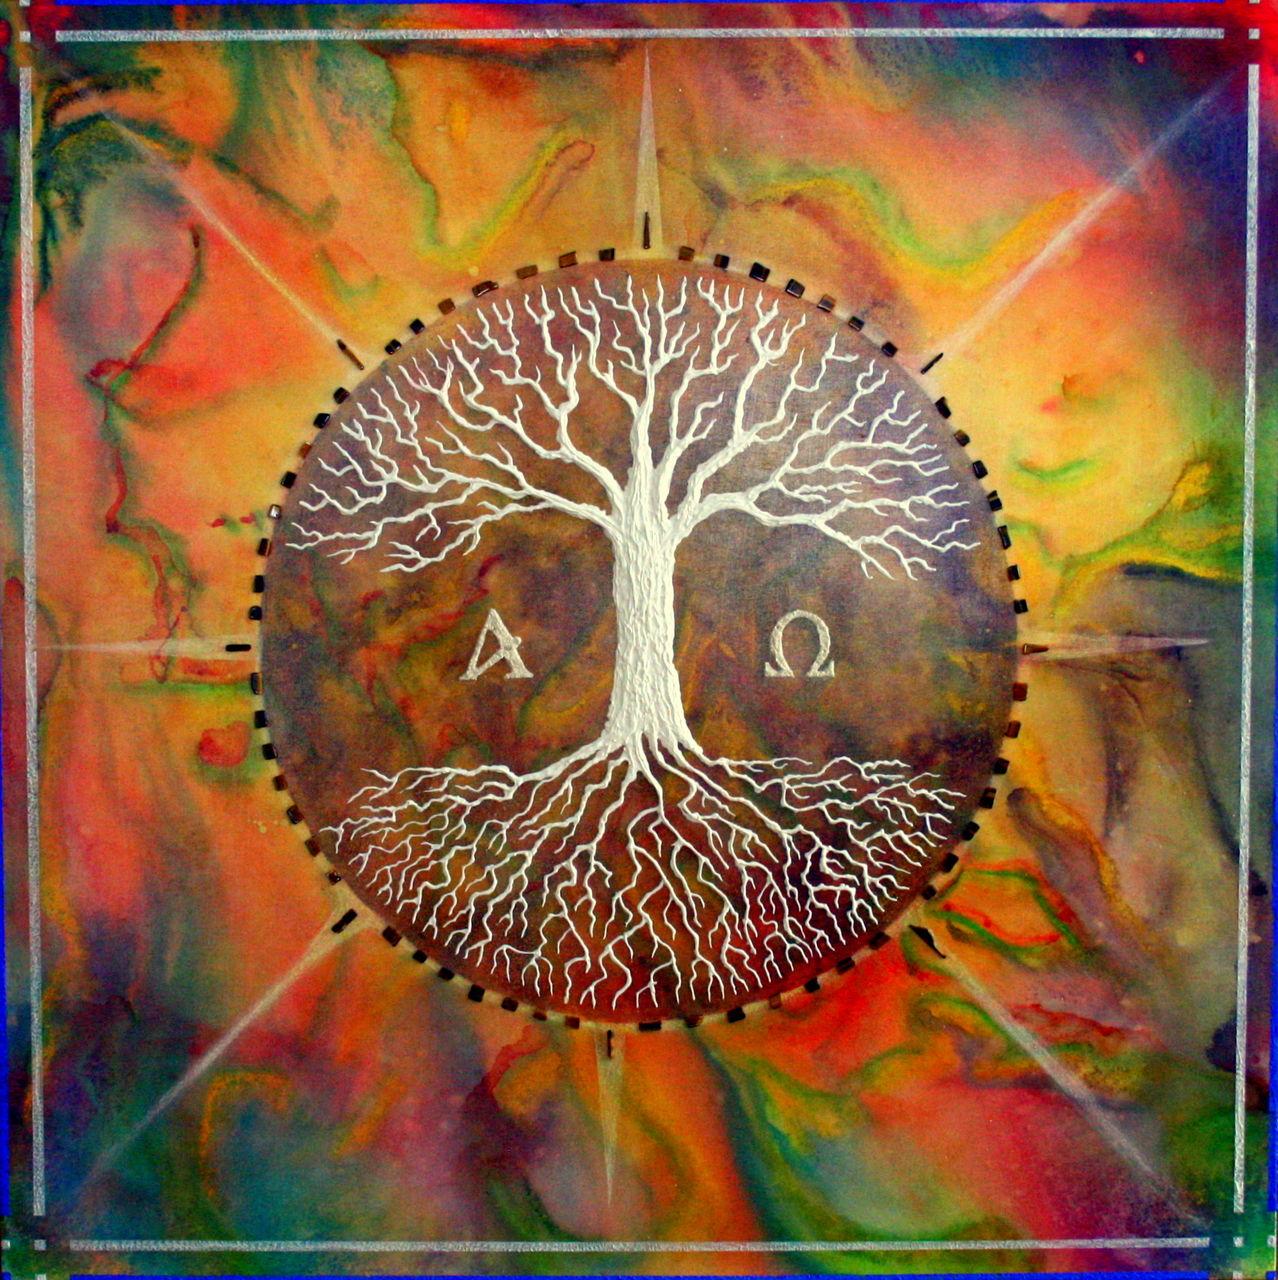 bild lebensbaum baum spirituell tree of life von hardy. Black Bedroom Furniture Sets. Home Design Ideas